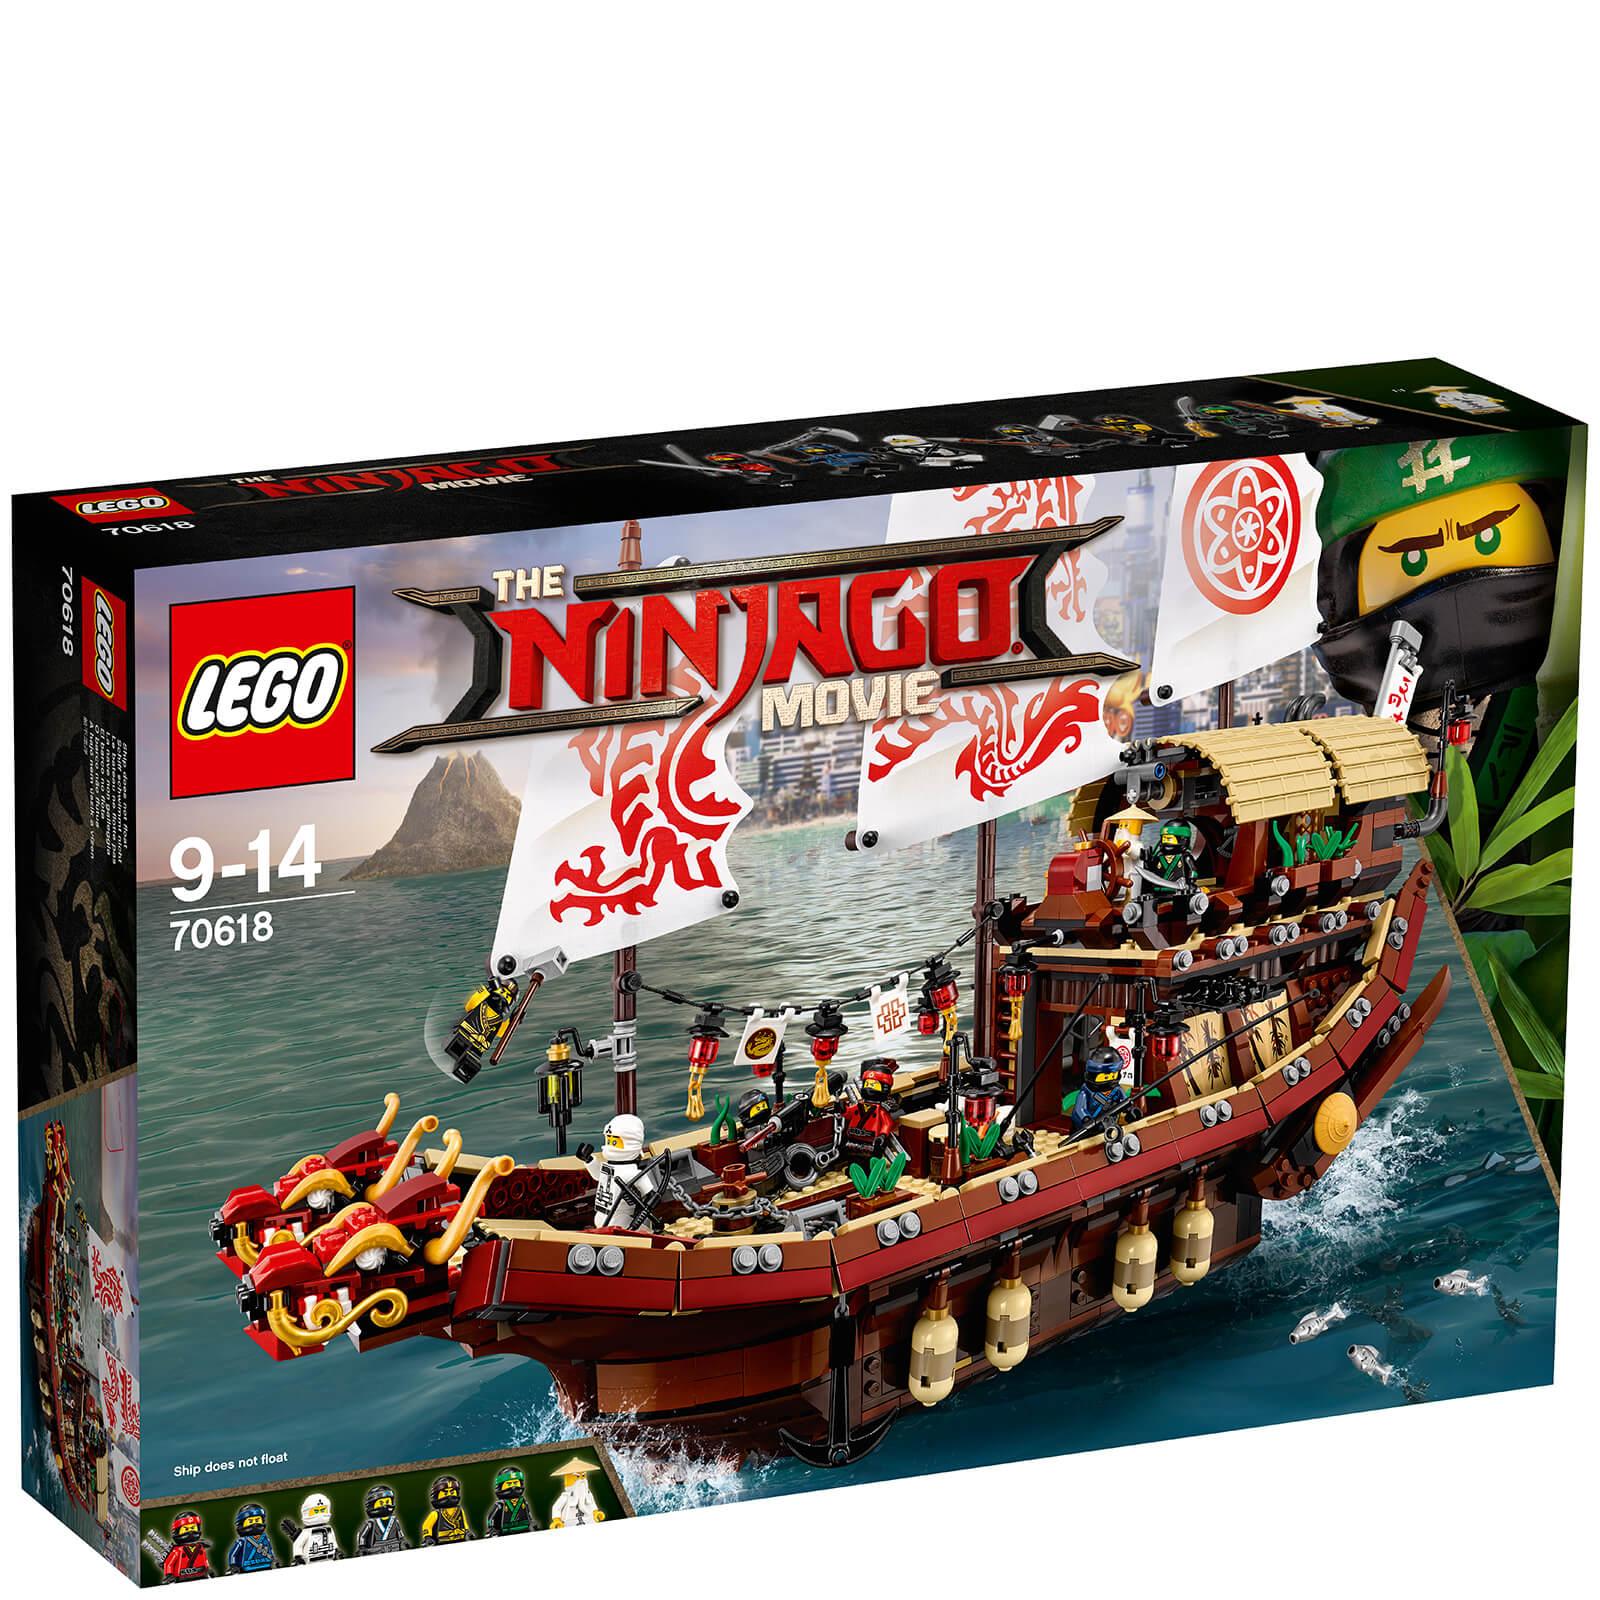 Image of LEGO The LEGO Ninjago Movie: Destiny's Bounty (70618)